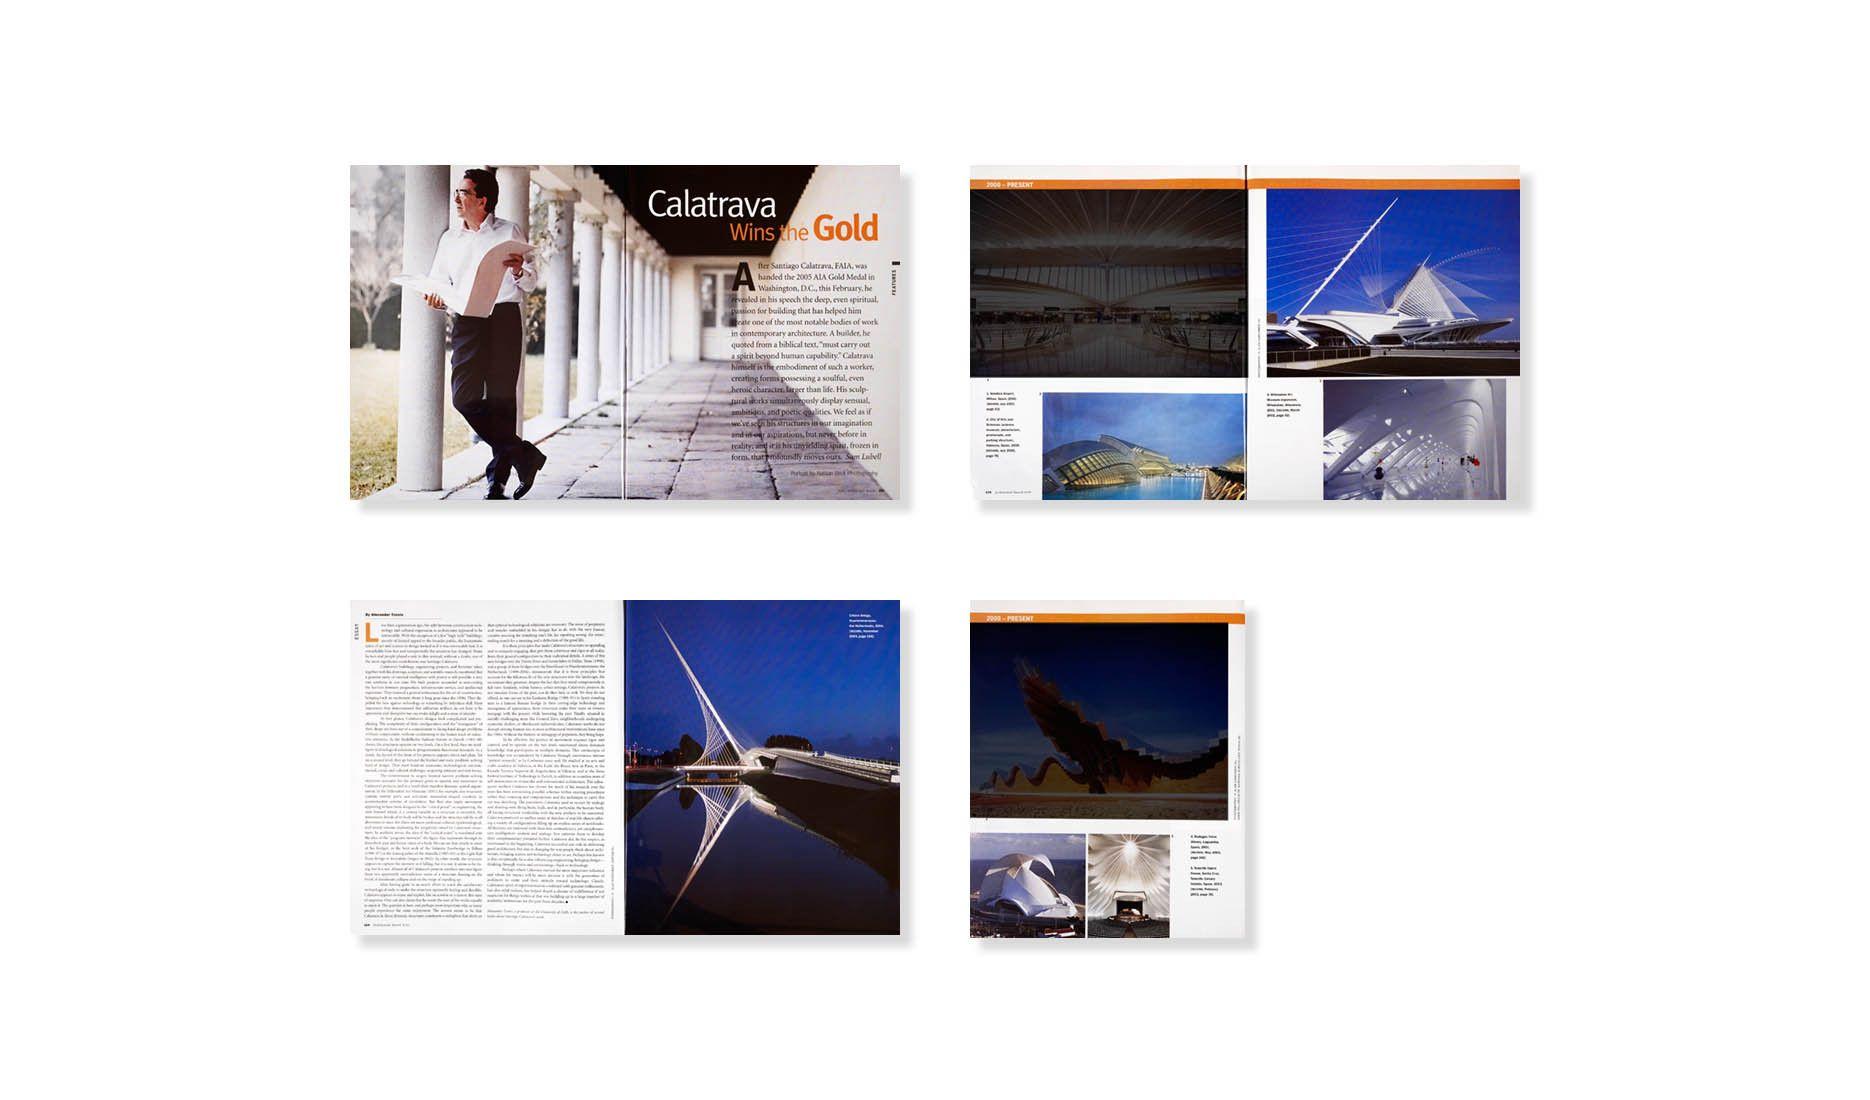 ARCHITECTURAL RECORD 05.05  .  SANTIAGO CALATRAVA  .  AIA GOLD MEDAL AWARD